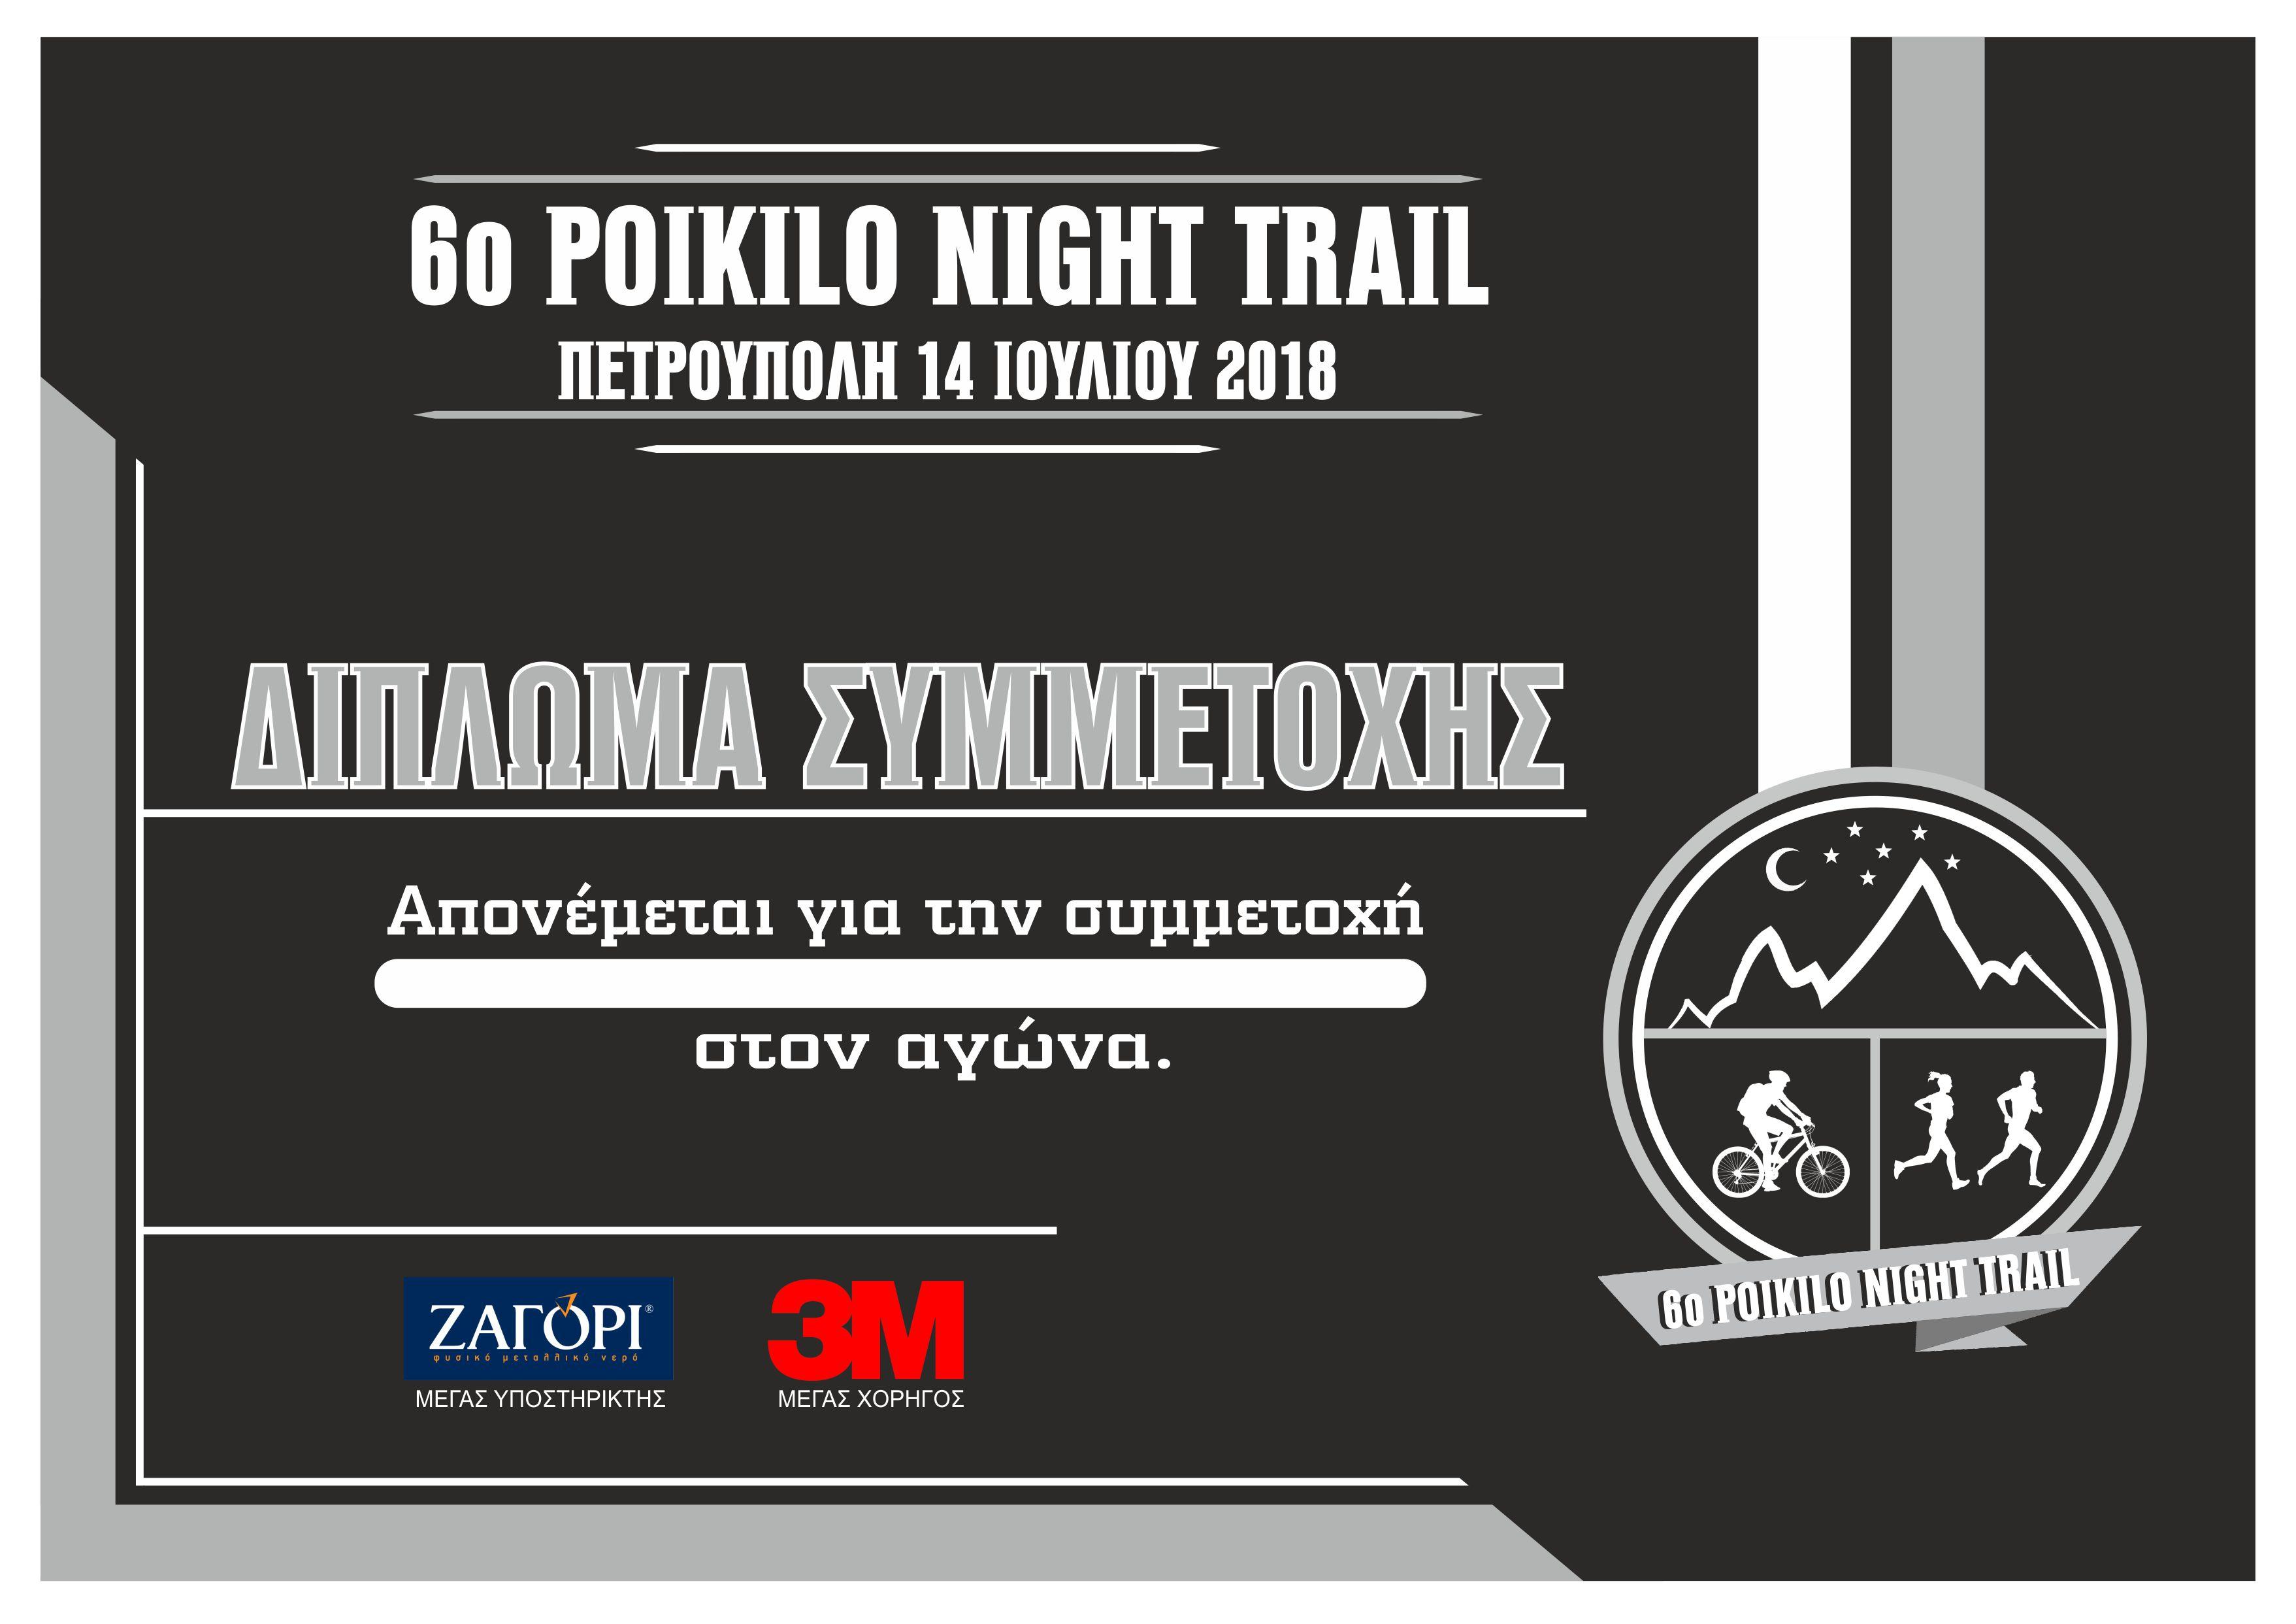 Εκτυπώσεις - Φωτοτυπίες - Γραφιστικά   Copyshop2.gr - 6o POIKILO Night Trail   Πετρουπολη 14 Ιουλίου 2018